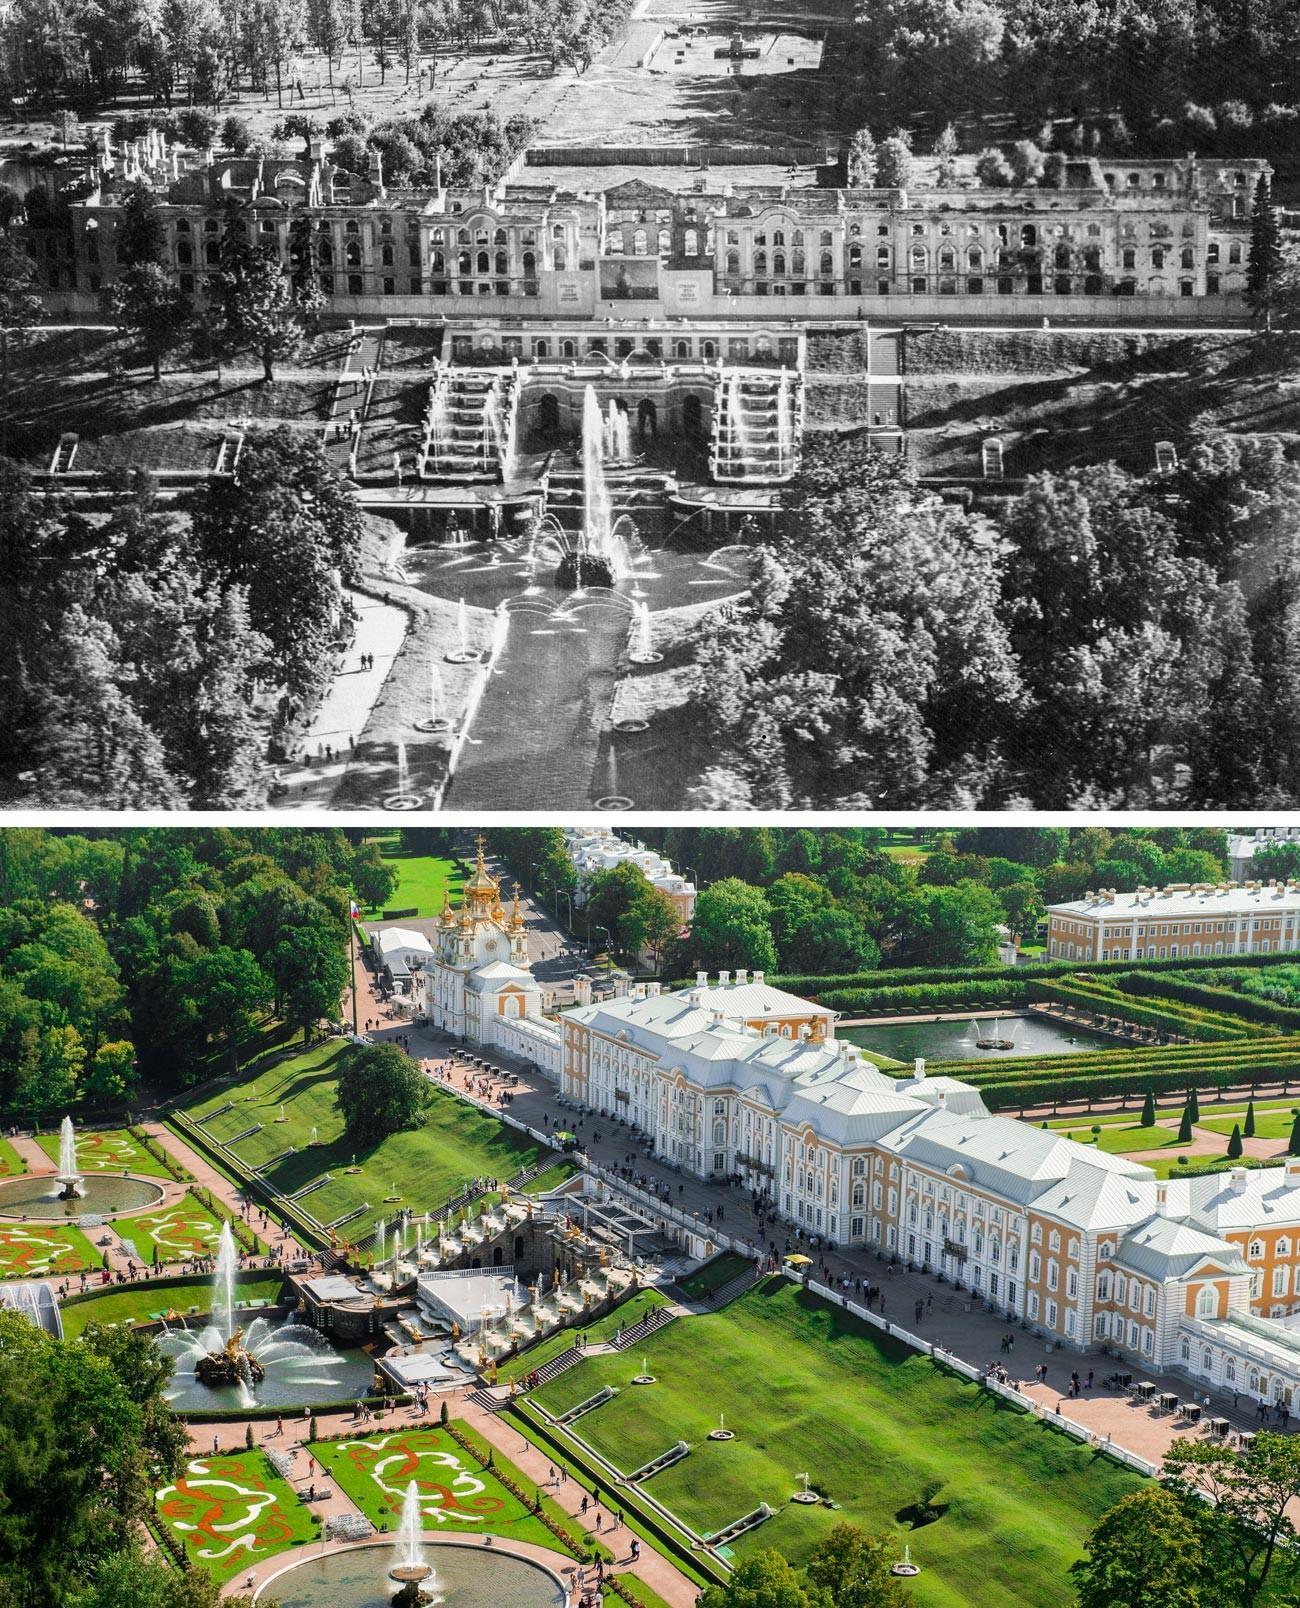 Vue sur le parc supérieur, le Grand Palais et la fontaine de la Grande Cascade en 1944 et maintenant